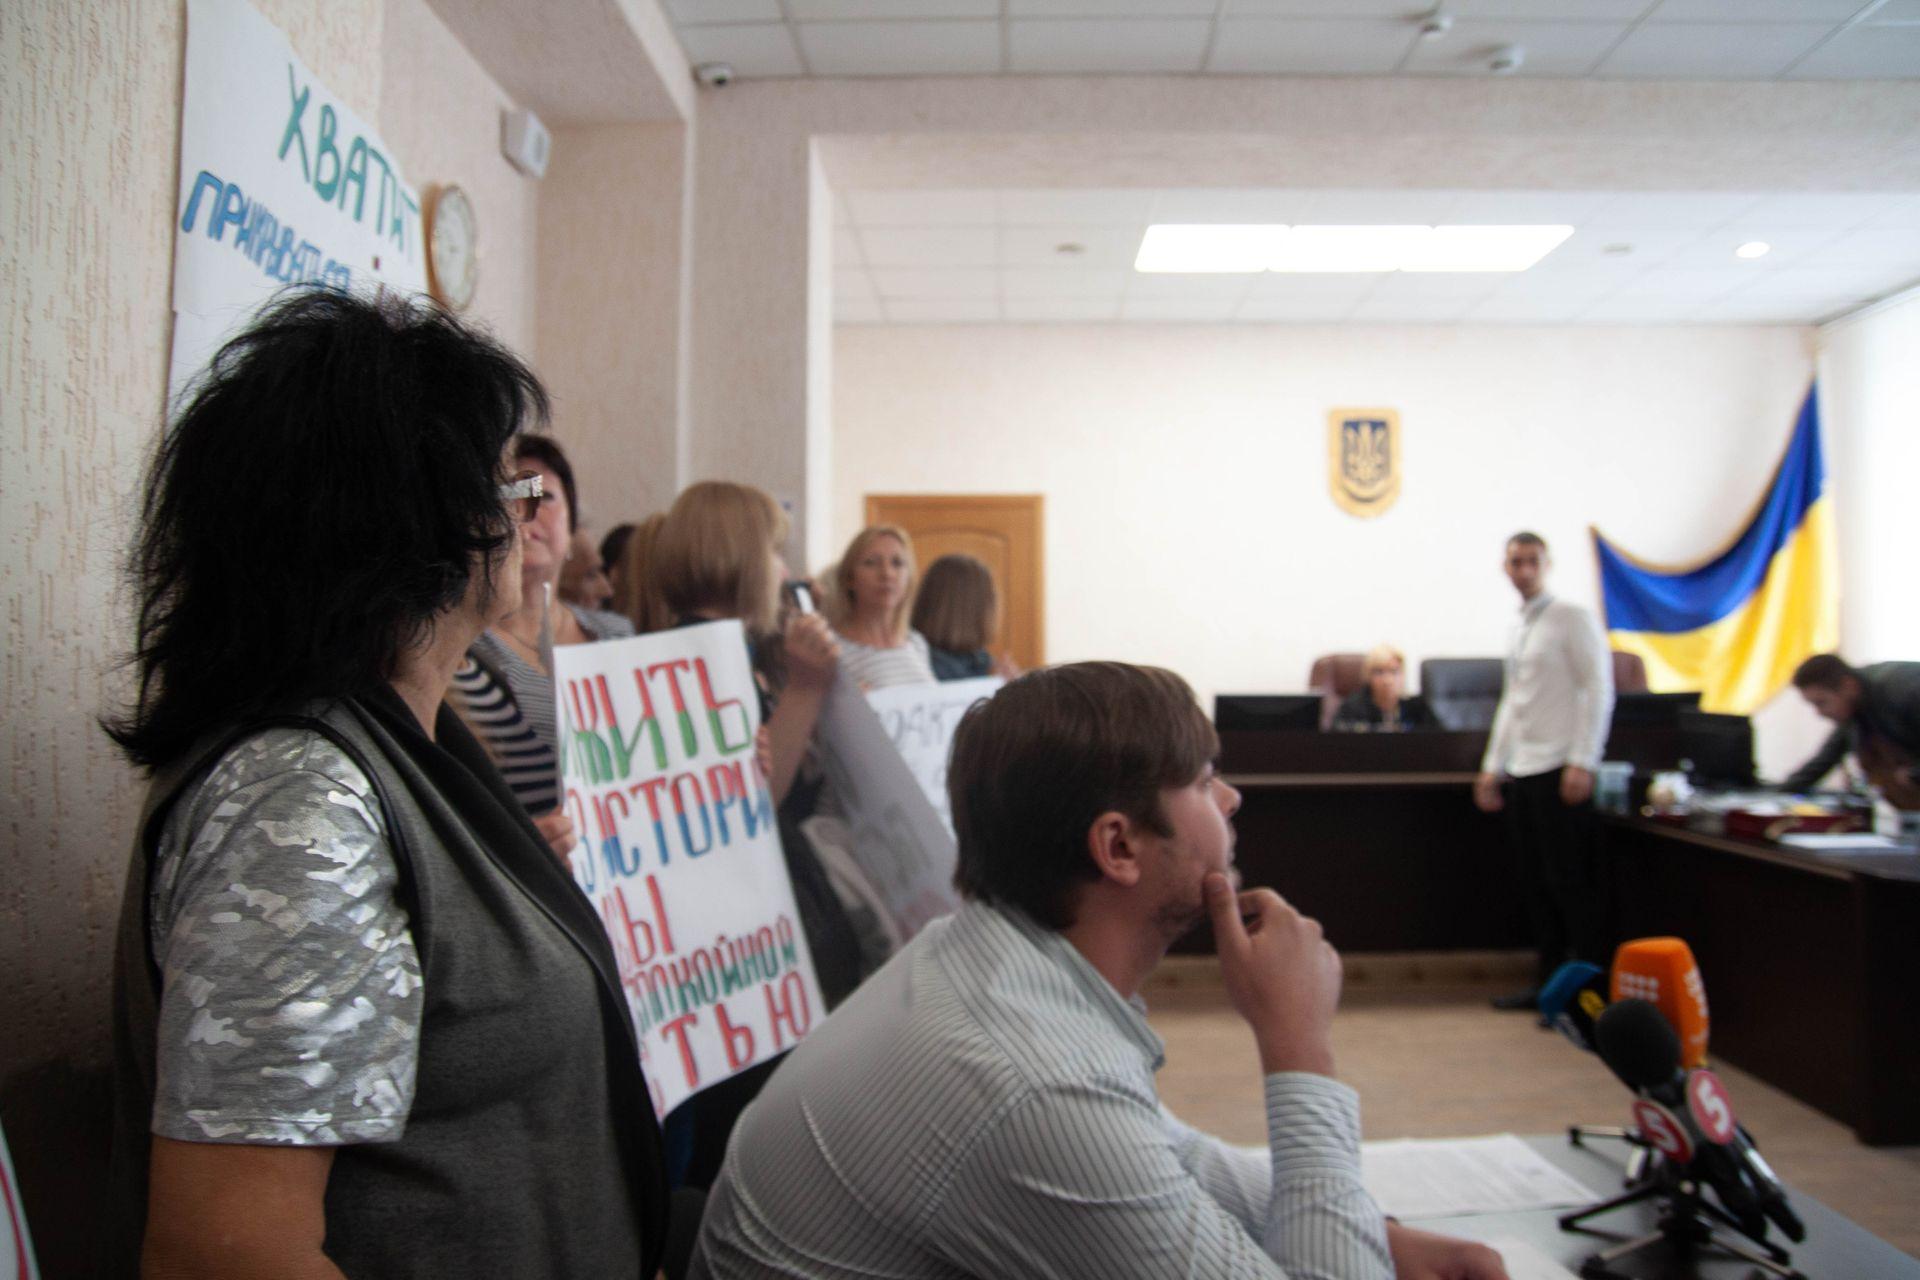 цирк, издеваются, животные, Новости Украины, новости Одессы, крым